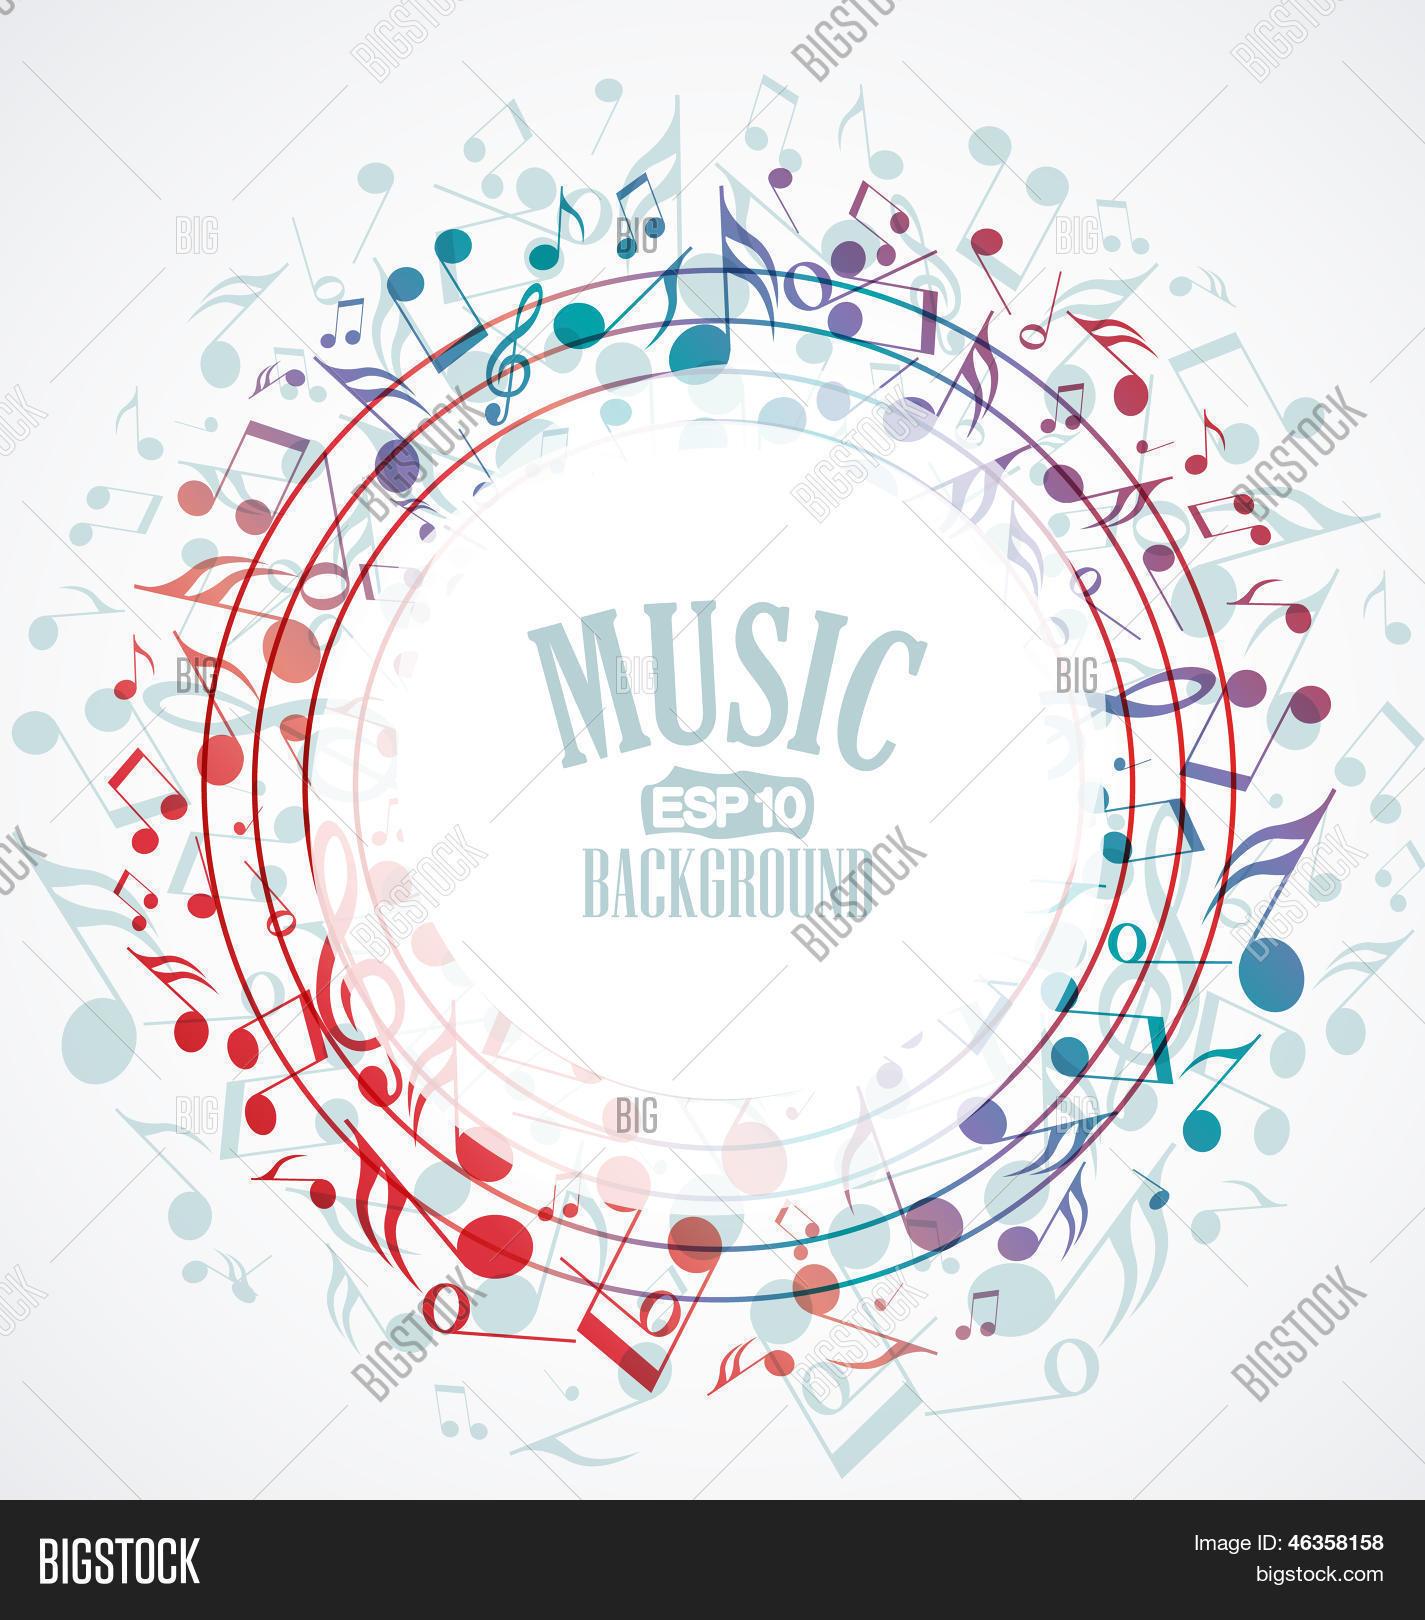 Muziek vector en foto gratis proefversie  Bigstock